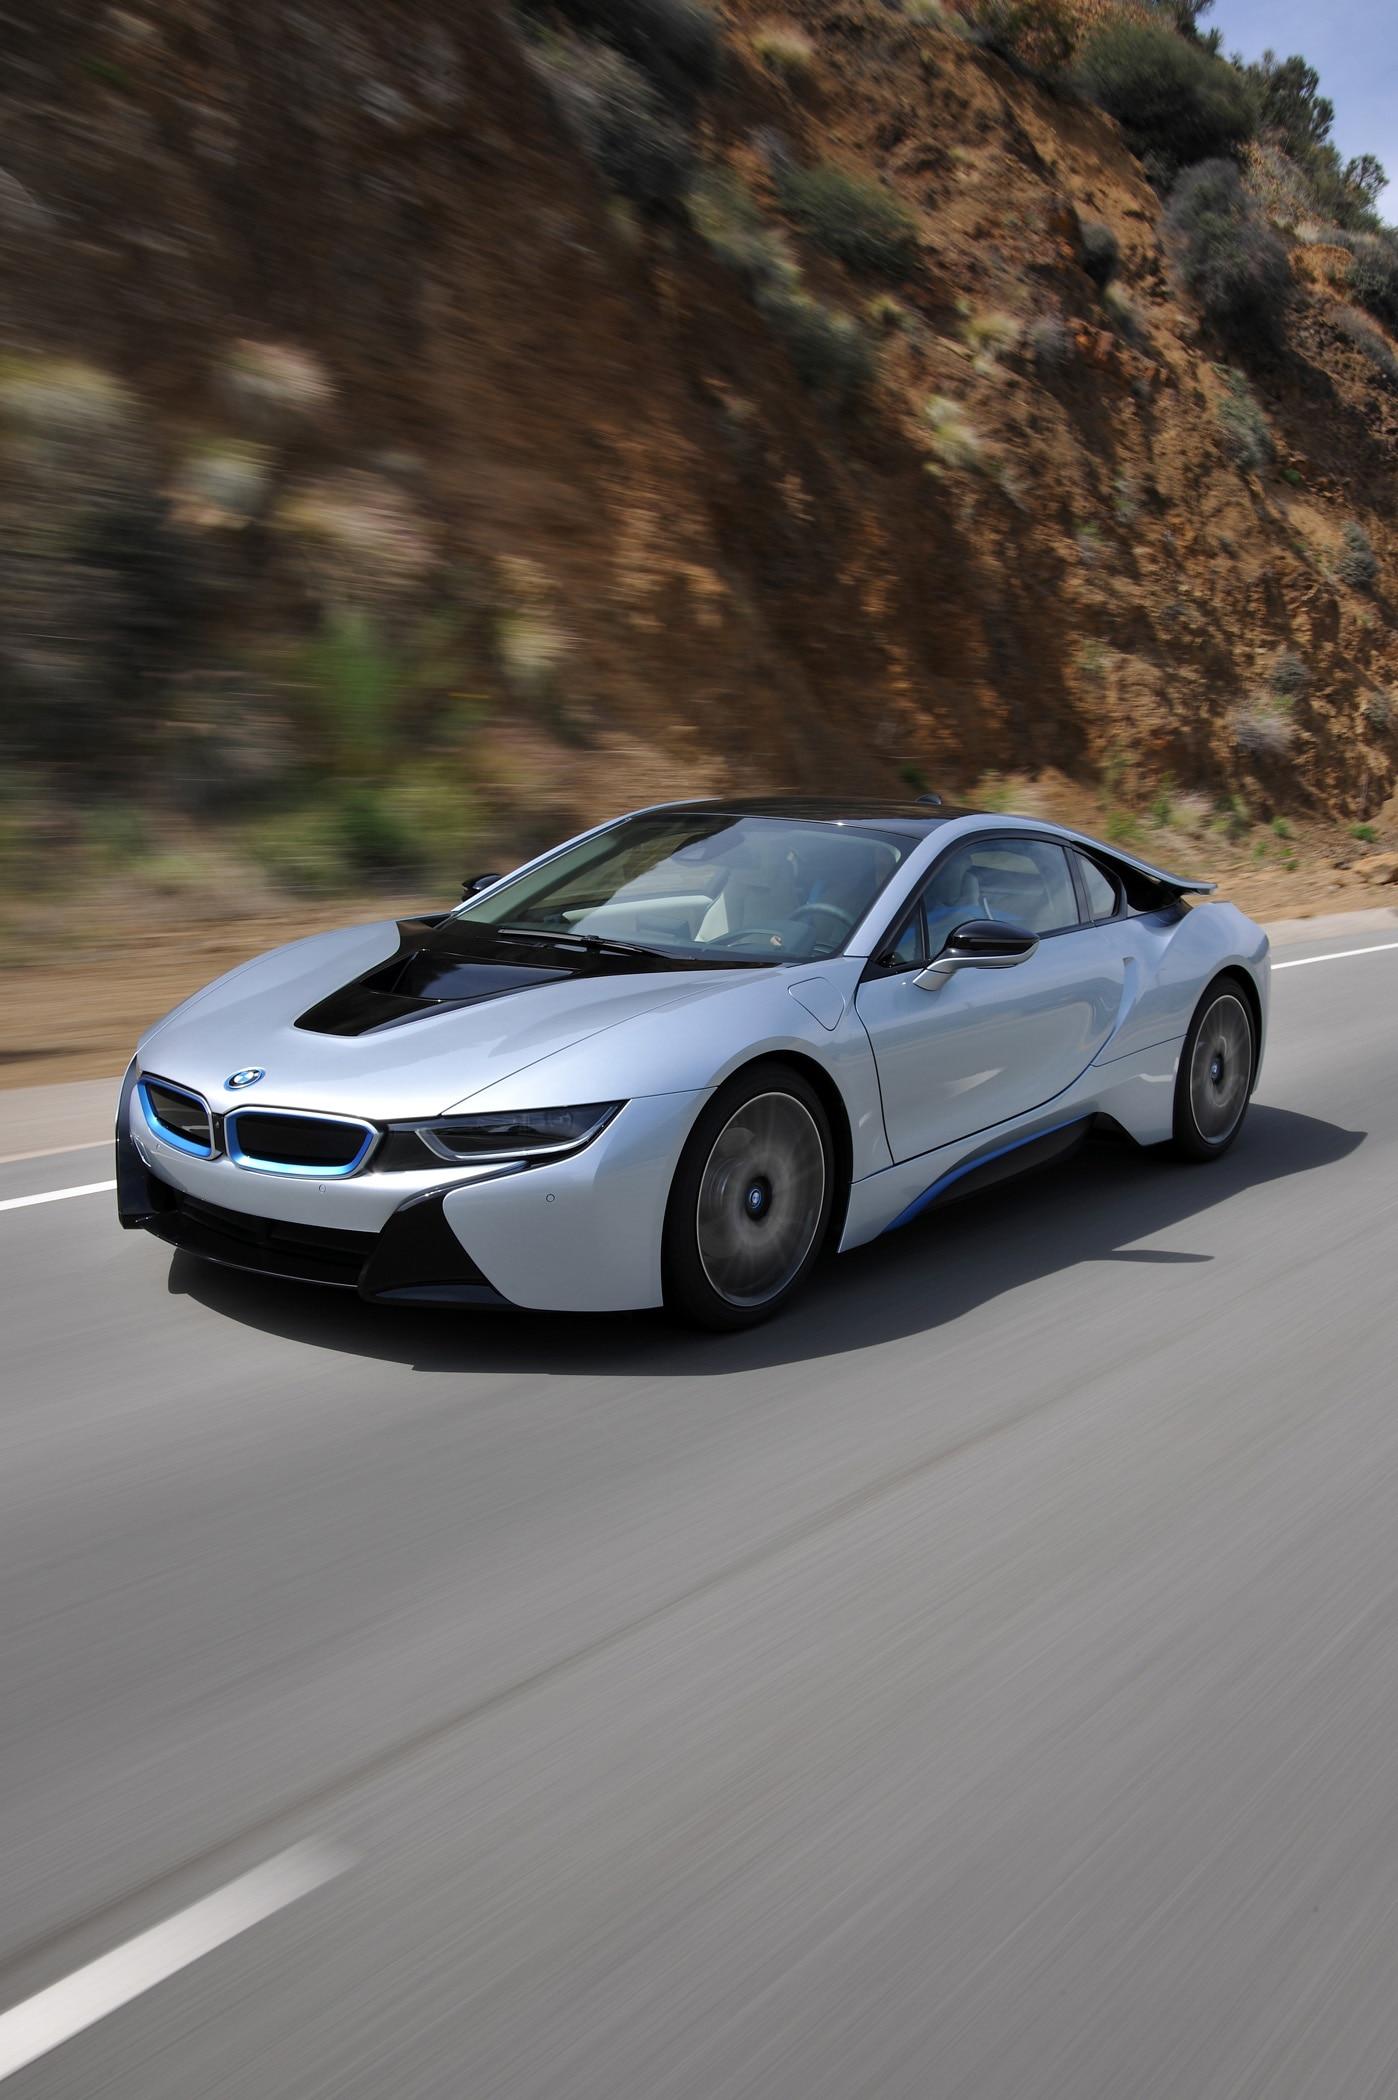 BMW I8 Top Speed >> 2014 BMW i8 Review - Automobile Magazine